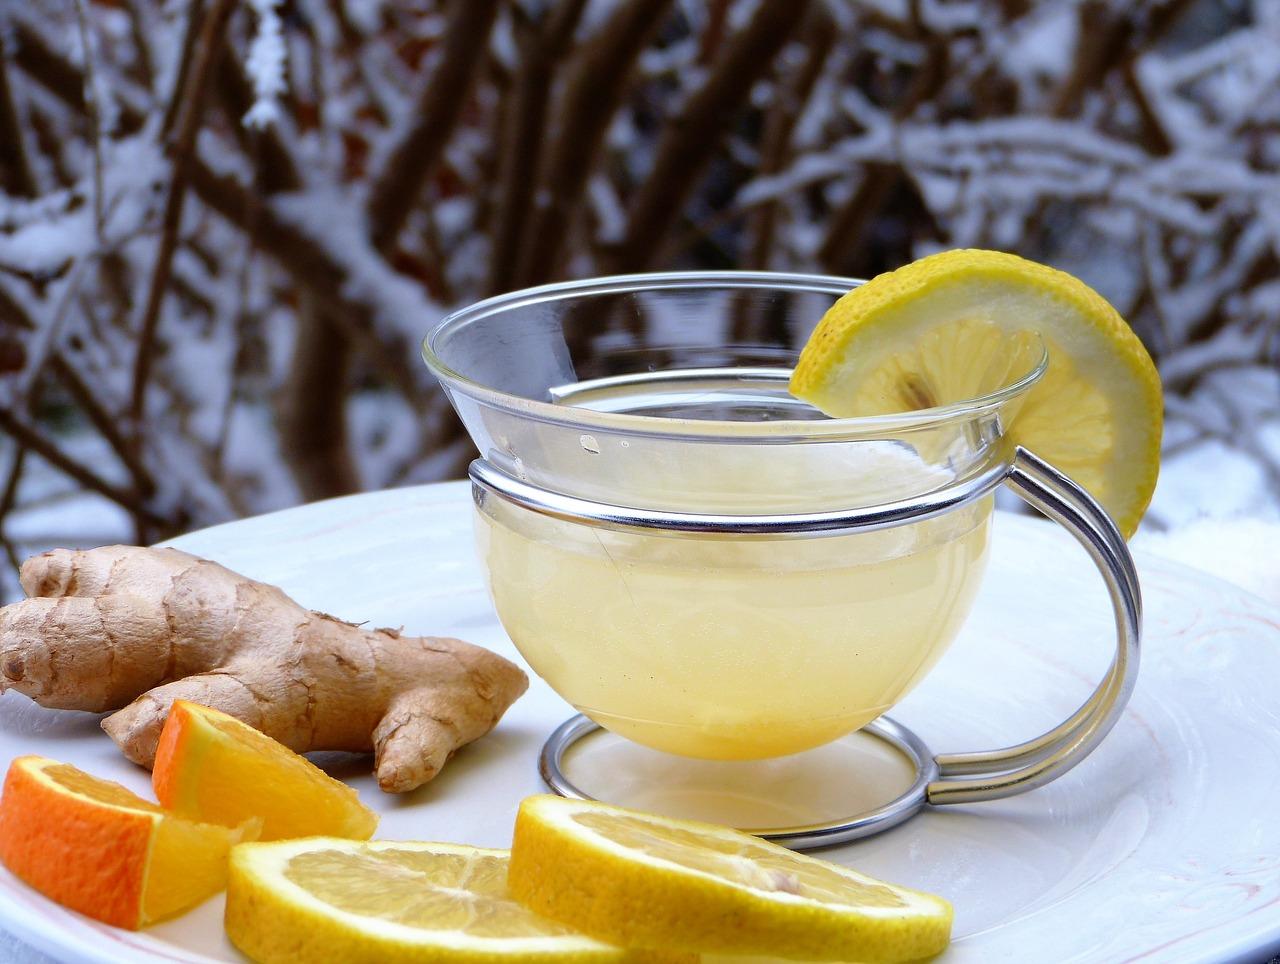 Cuidados com a saúde no inverno – 8 dicas rápidas para se manter saudável durante o inverno